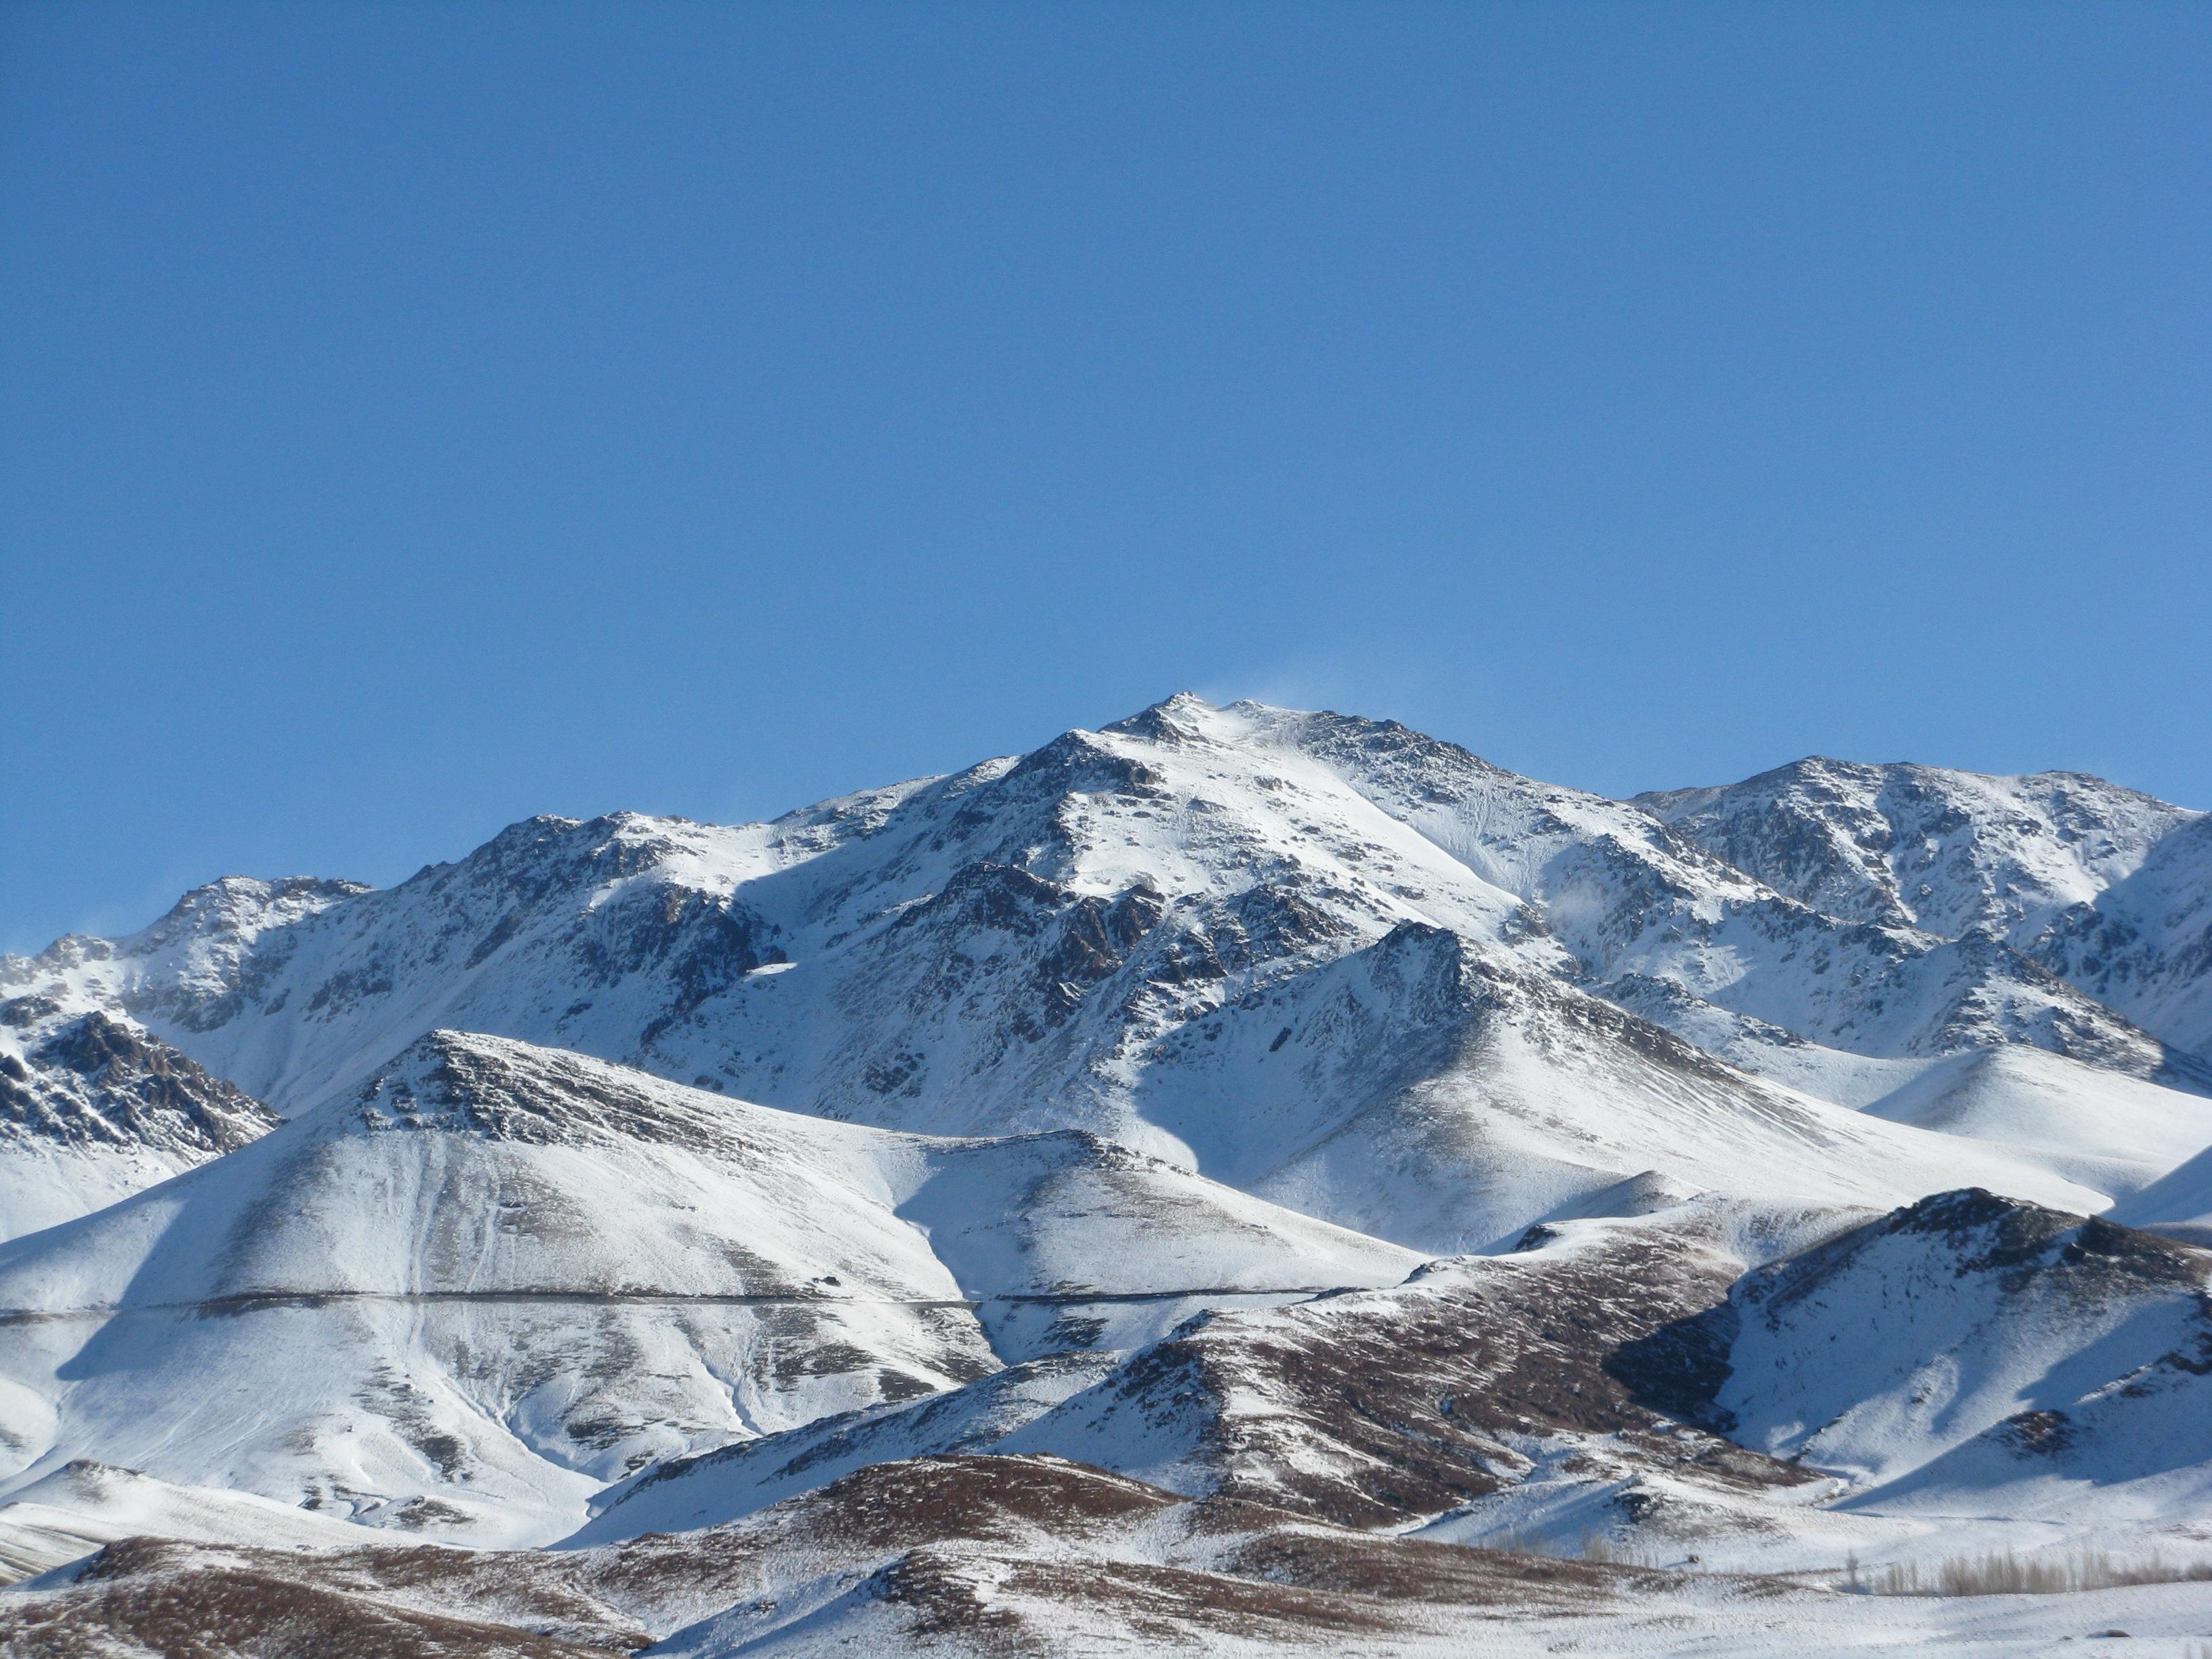 Mount Gargash - Wikipedia